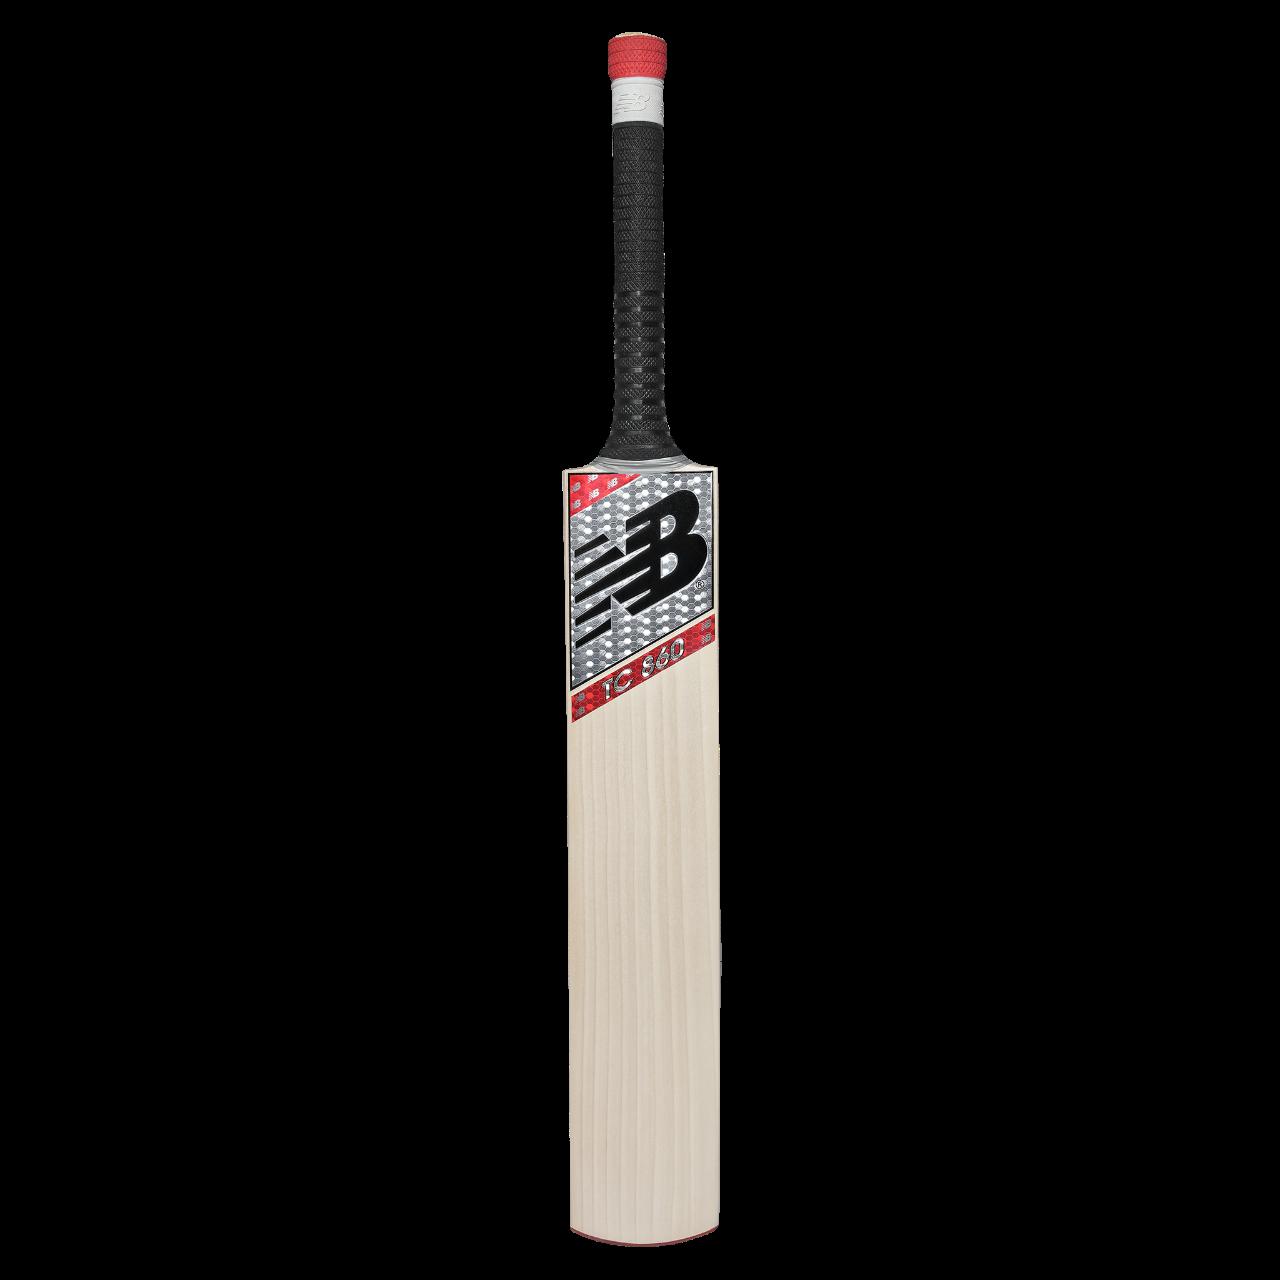 2021 New Balance TC 860 Junior Cricket Bat